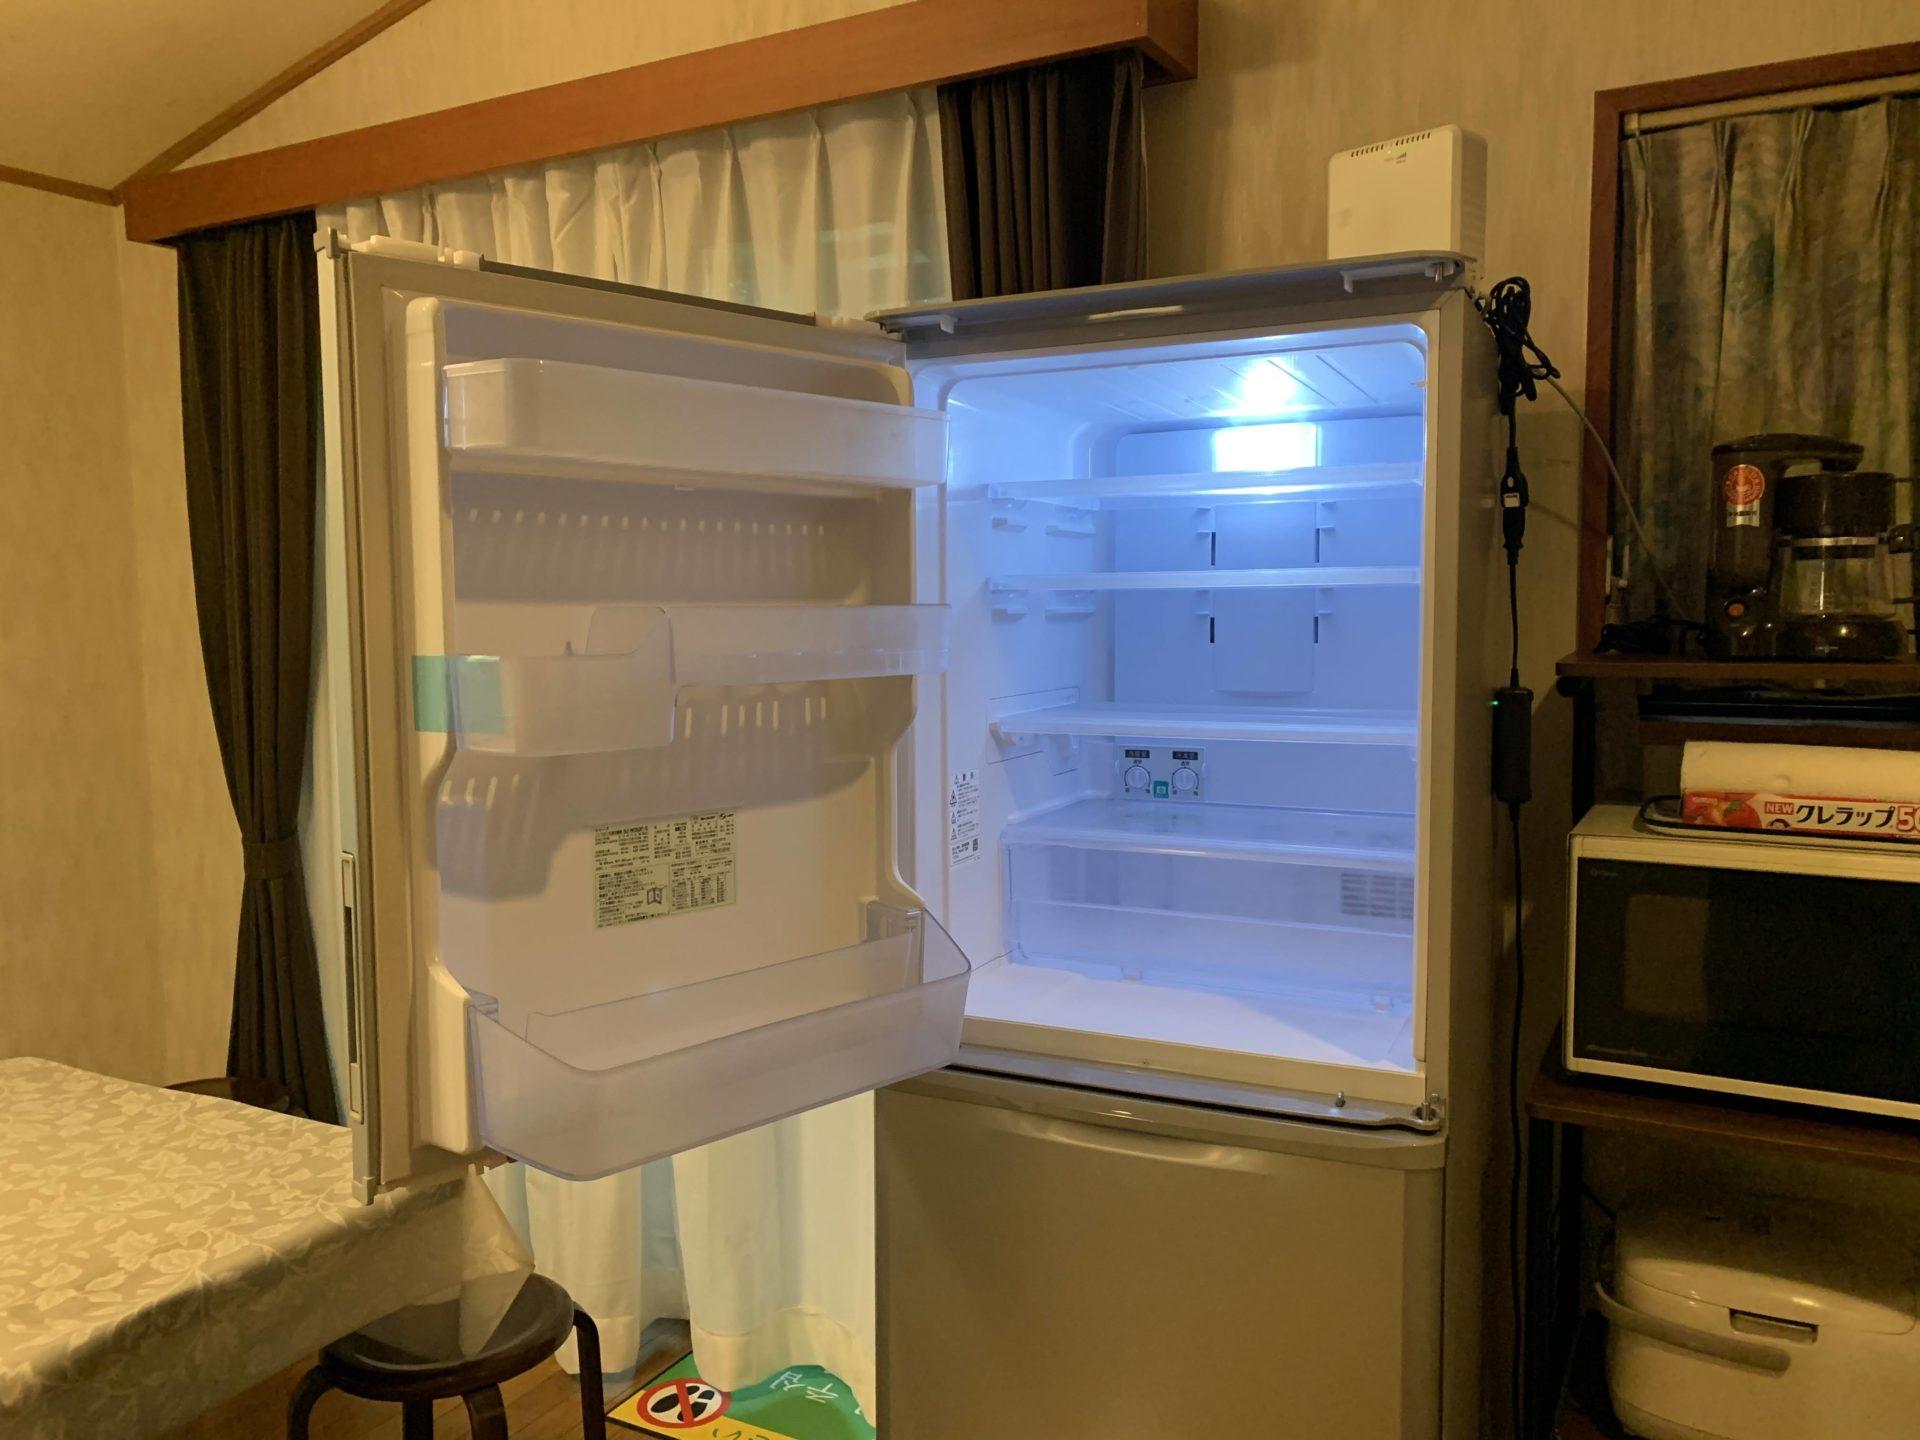 ルネス軽井沢のしおん星キッチンに両開き冷蔵庫入れました